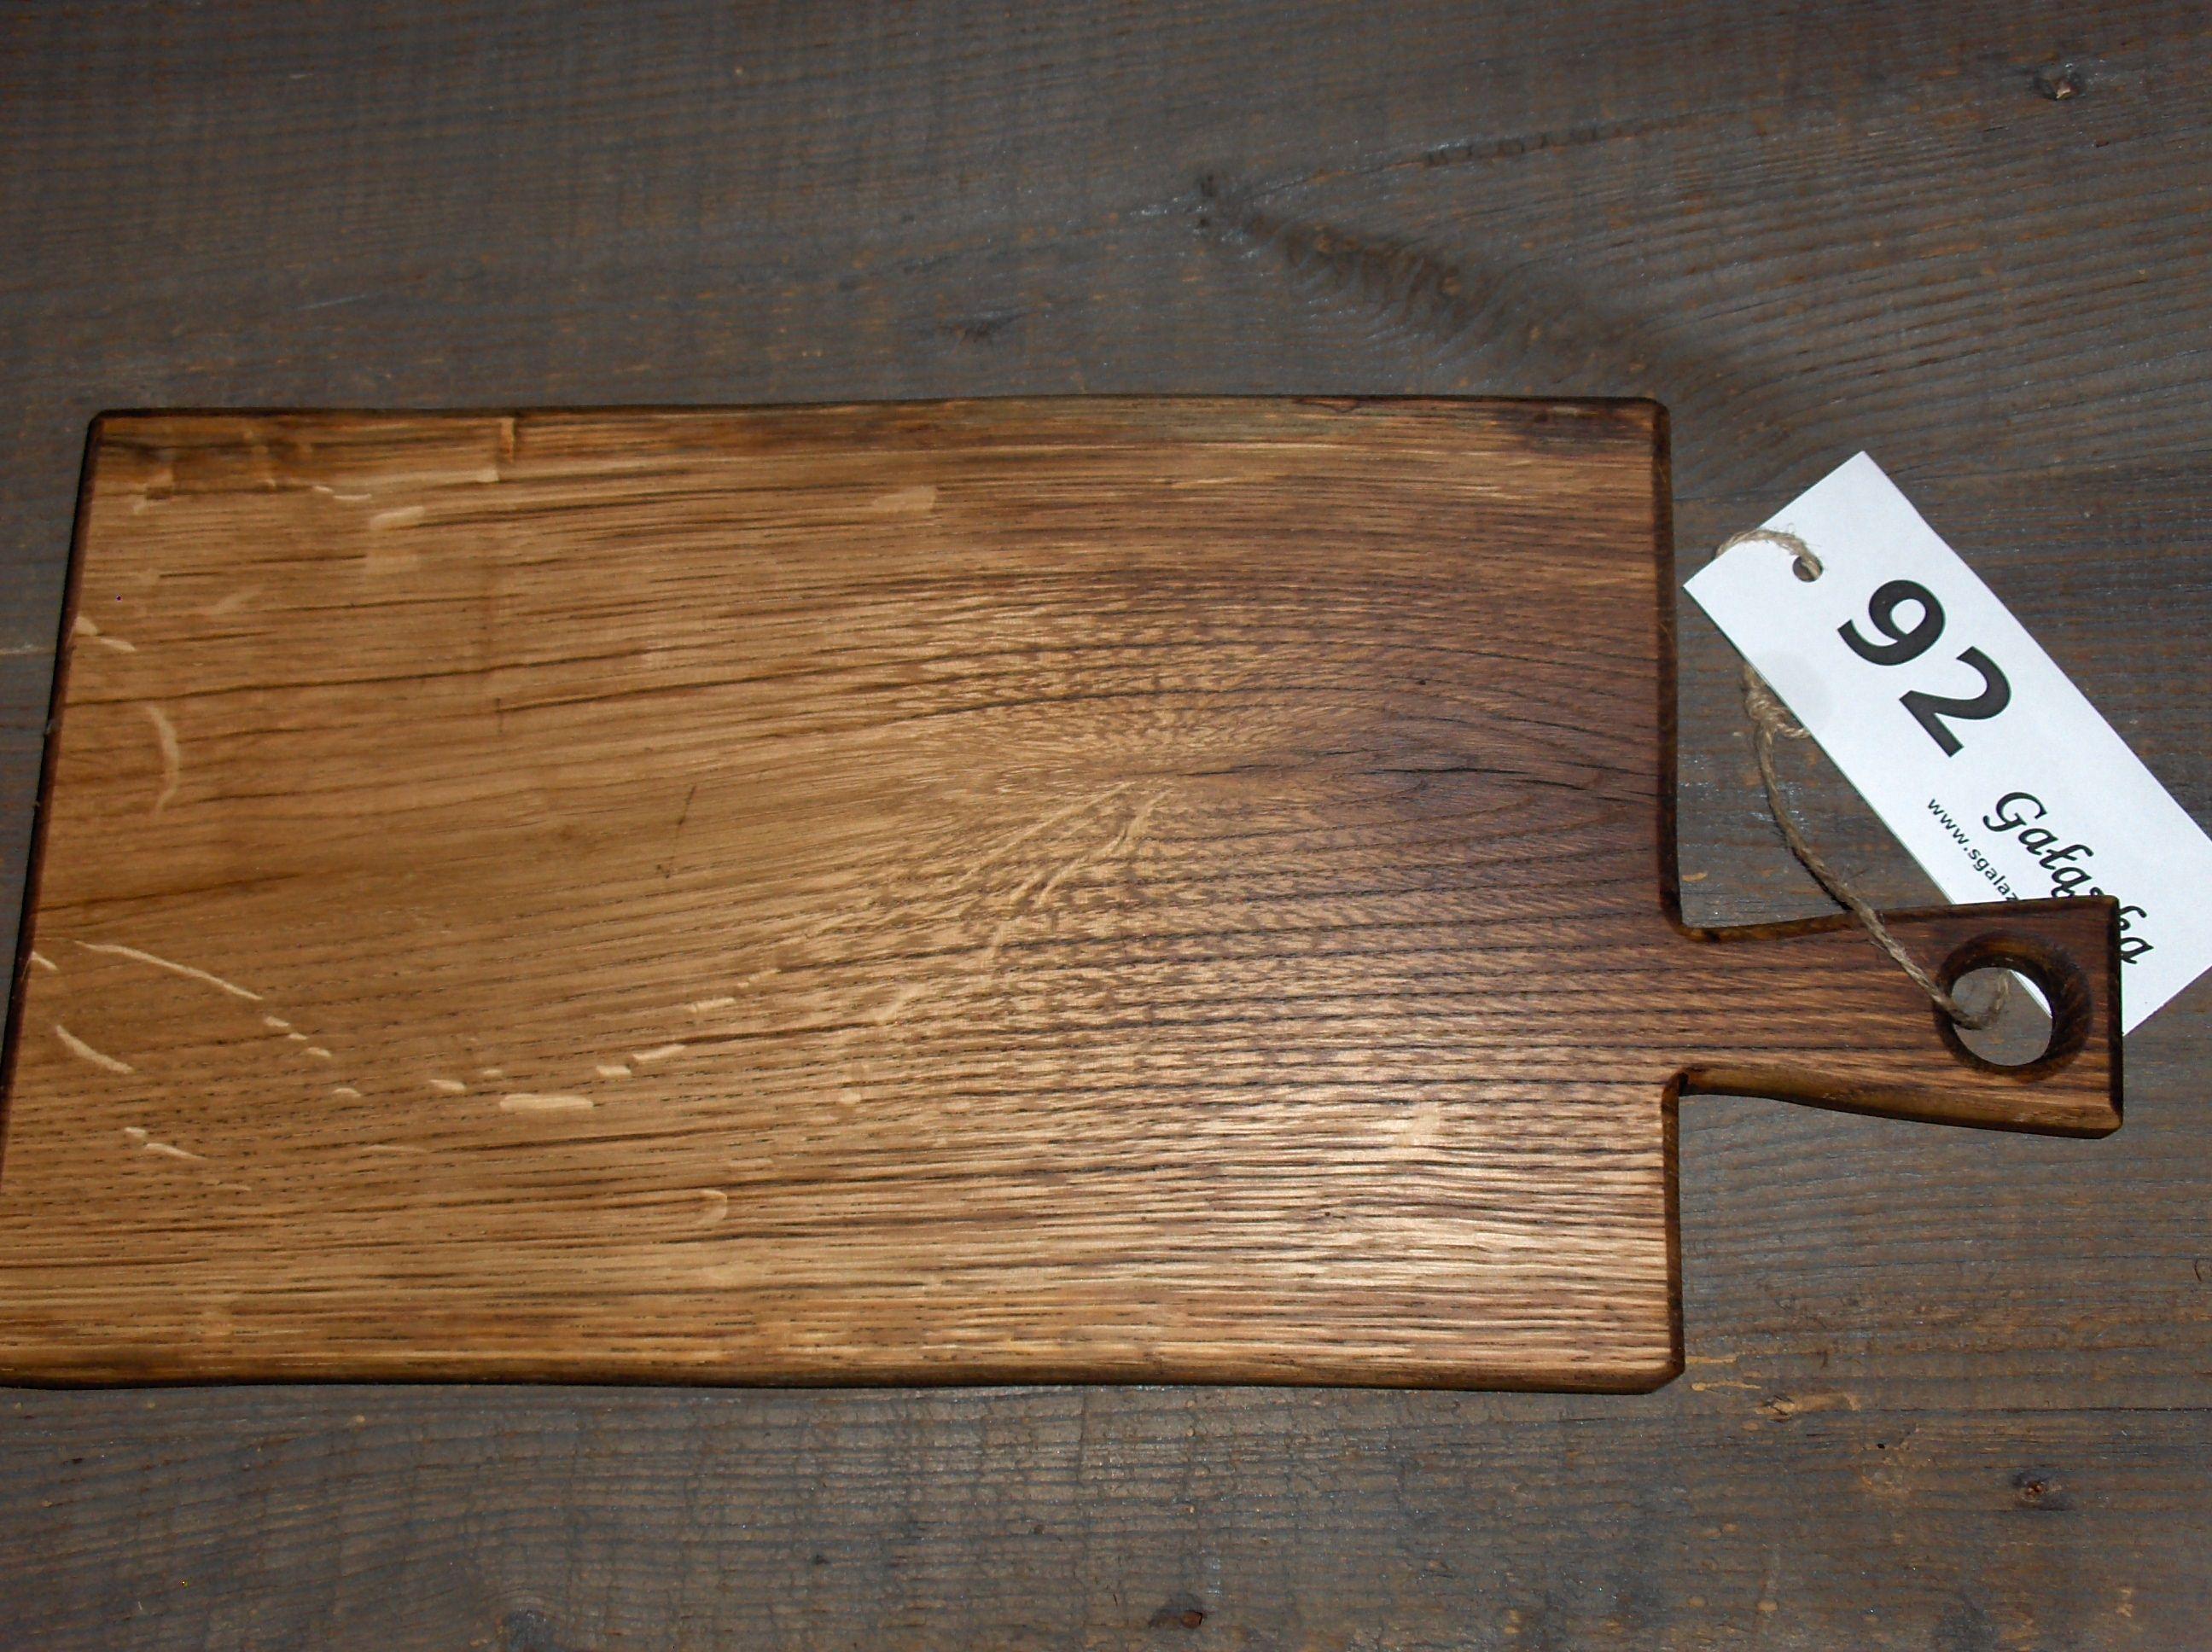 Stare Drewno Deski Do Krojenia Serwowania Sklep Internetowy